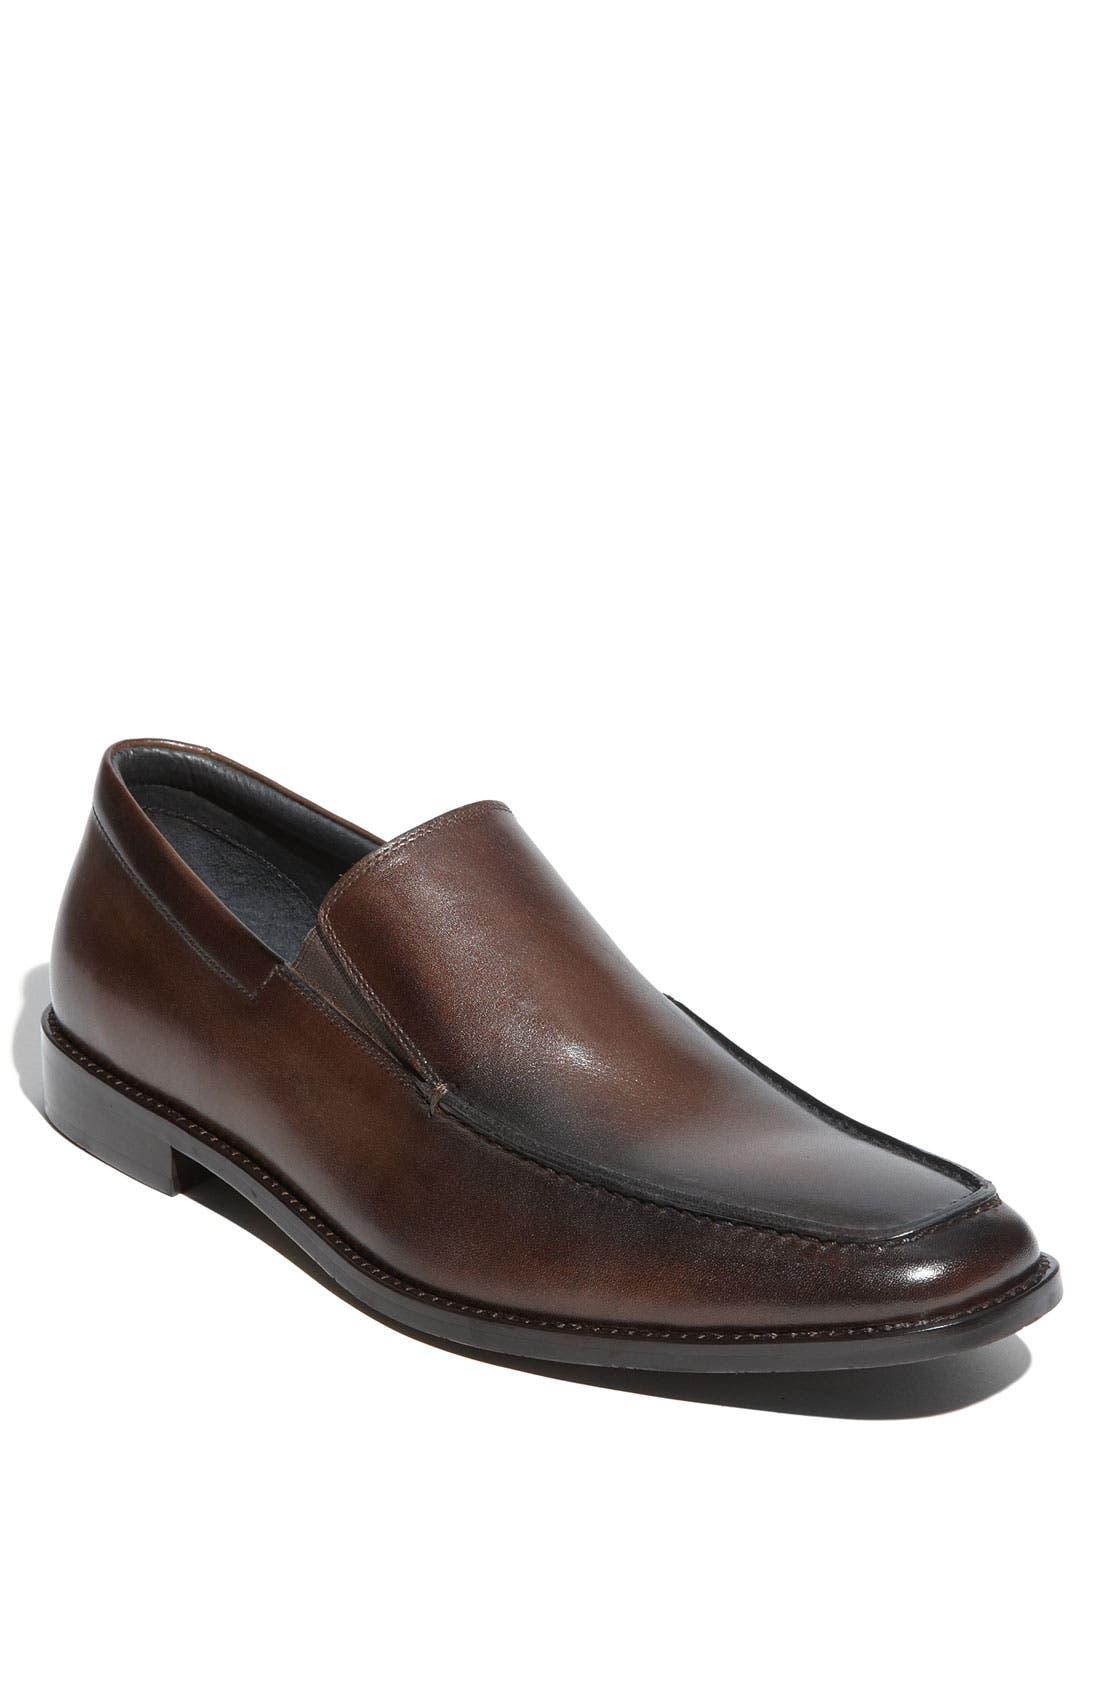 Alternate Image 1 Selected - Gordon Rush 'Madison' Venetian Loafer (Men)